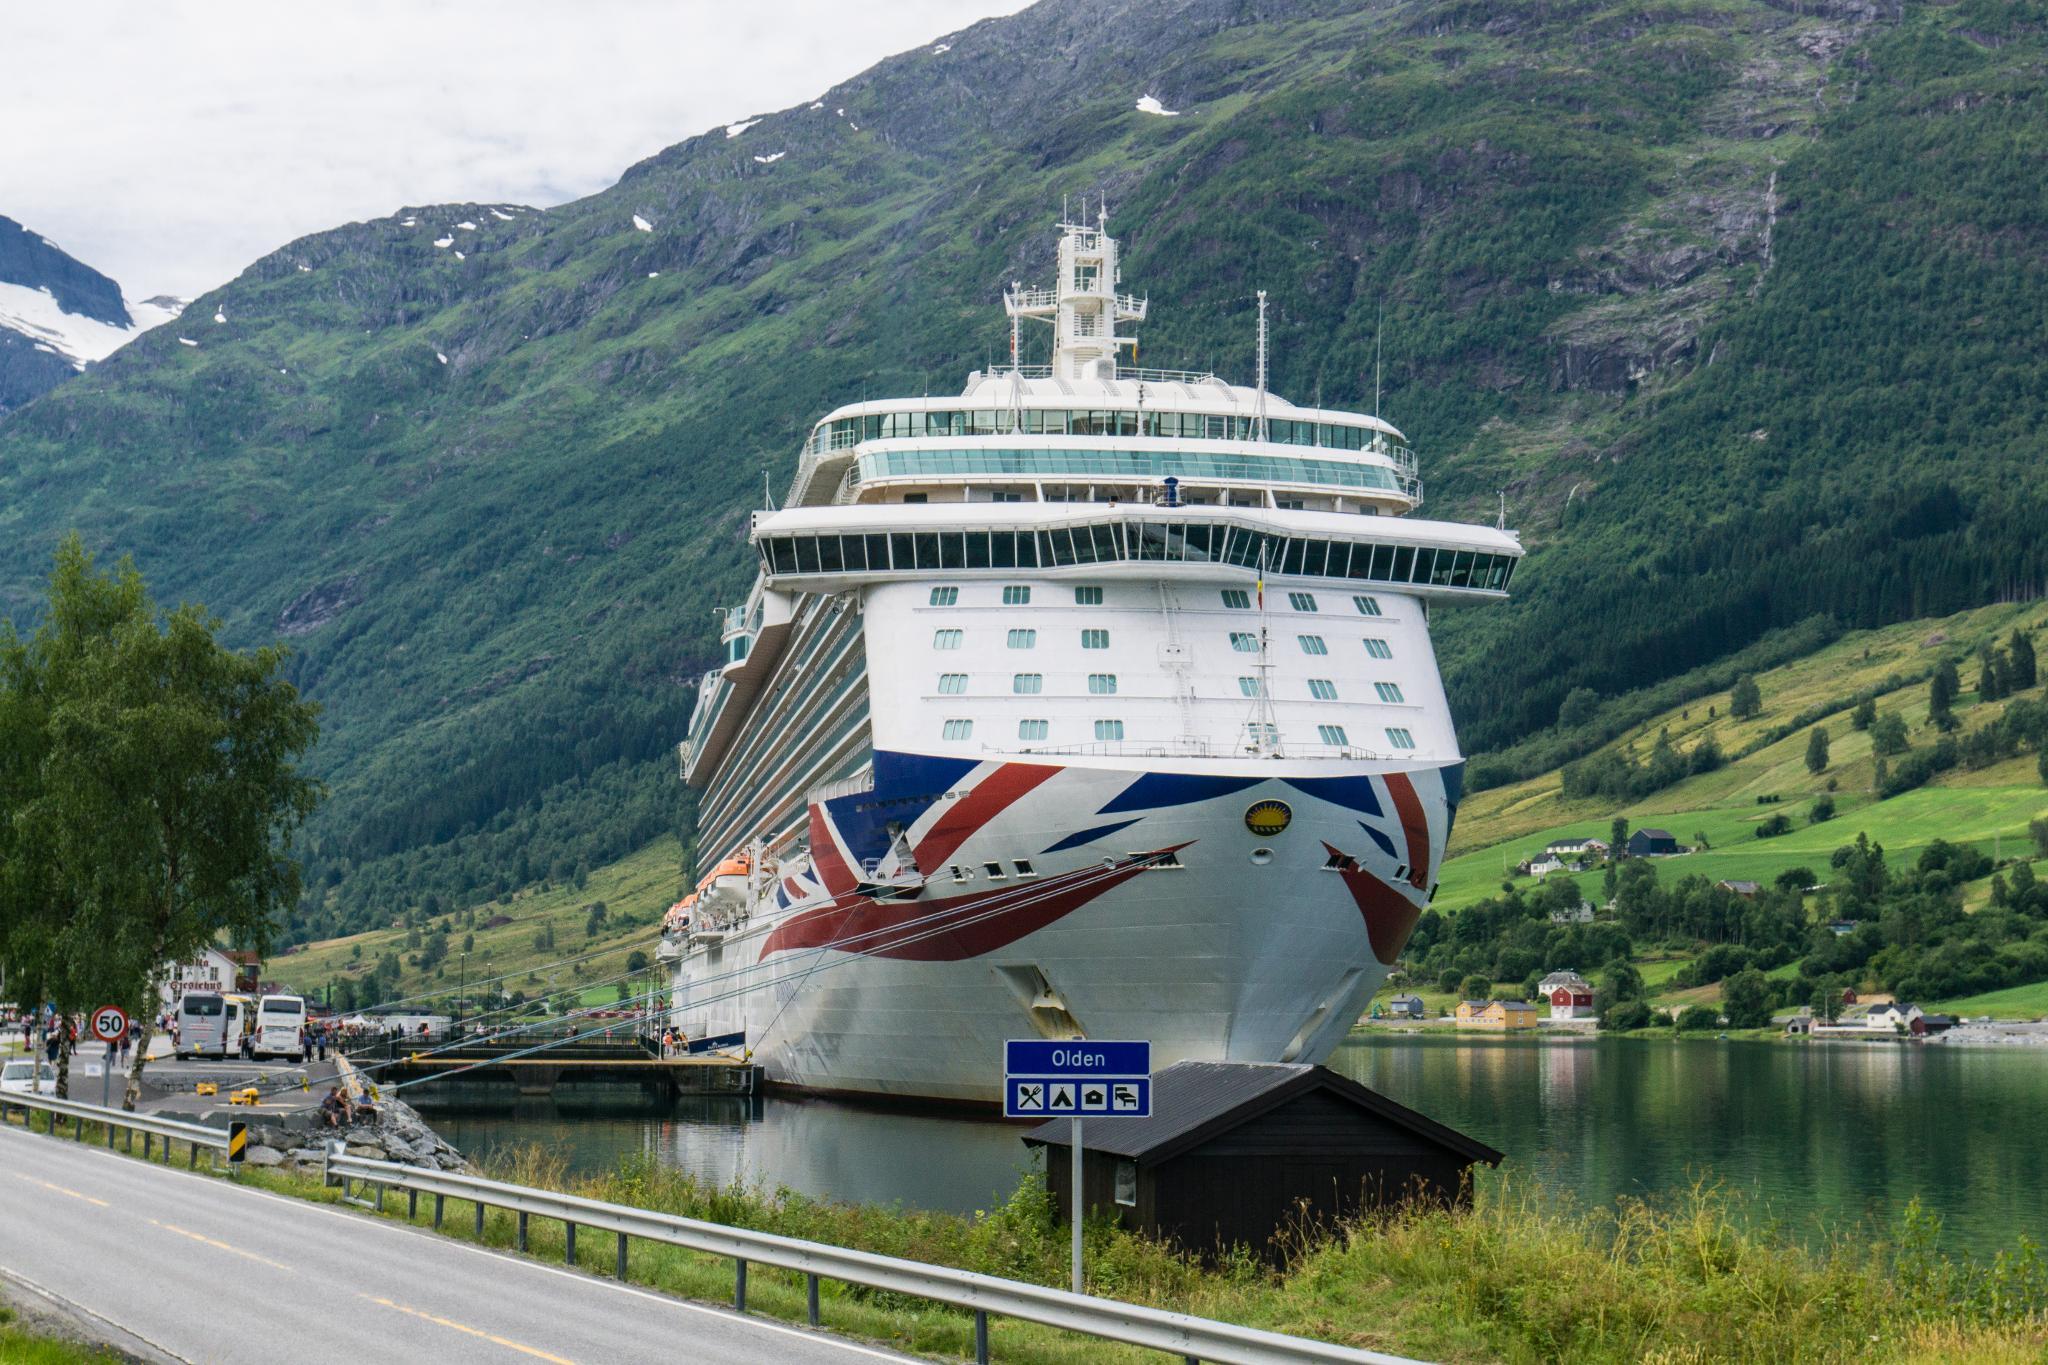 【北歐景點】穿越挪威的屋脊 - 前進北歐最美的冰原景觀公路 Fv55松恩山路 (Sognefjellet) 5